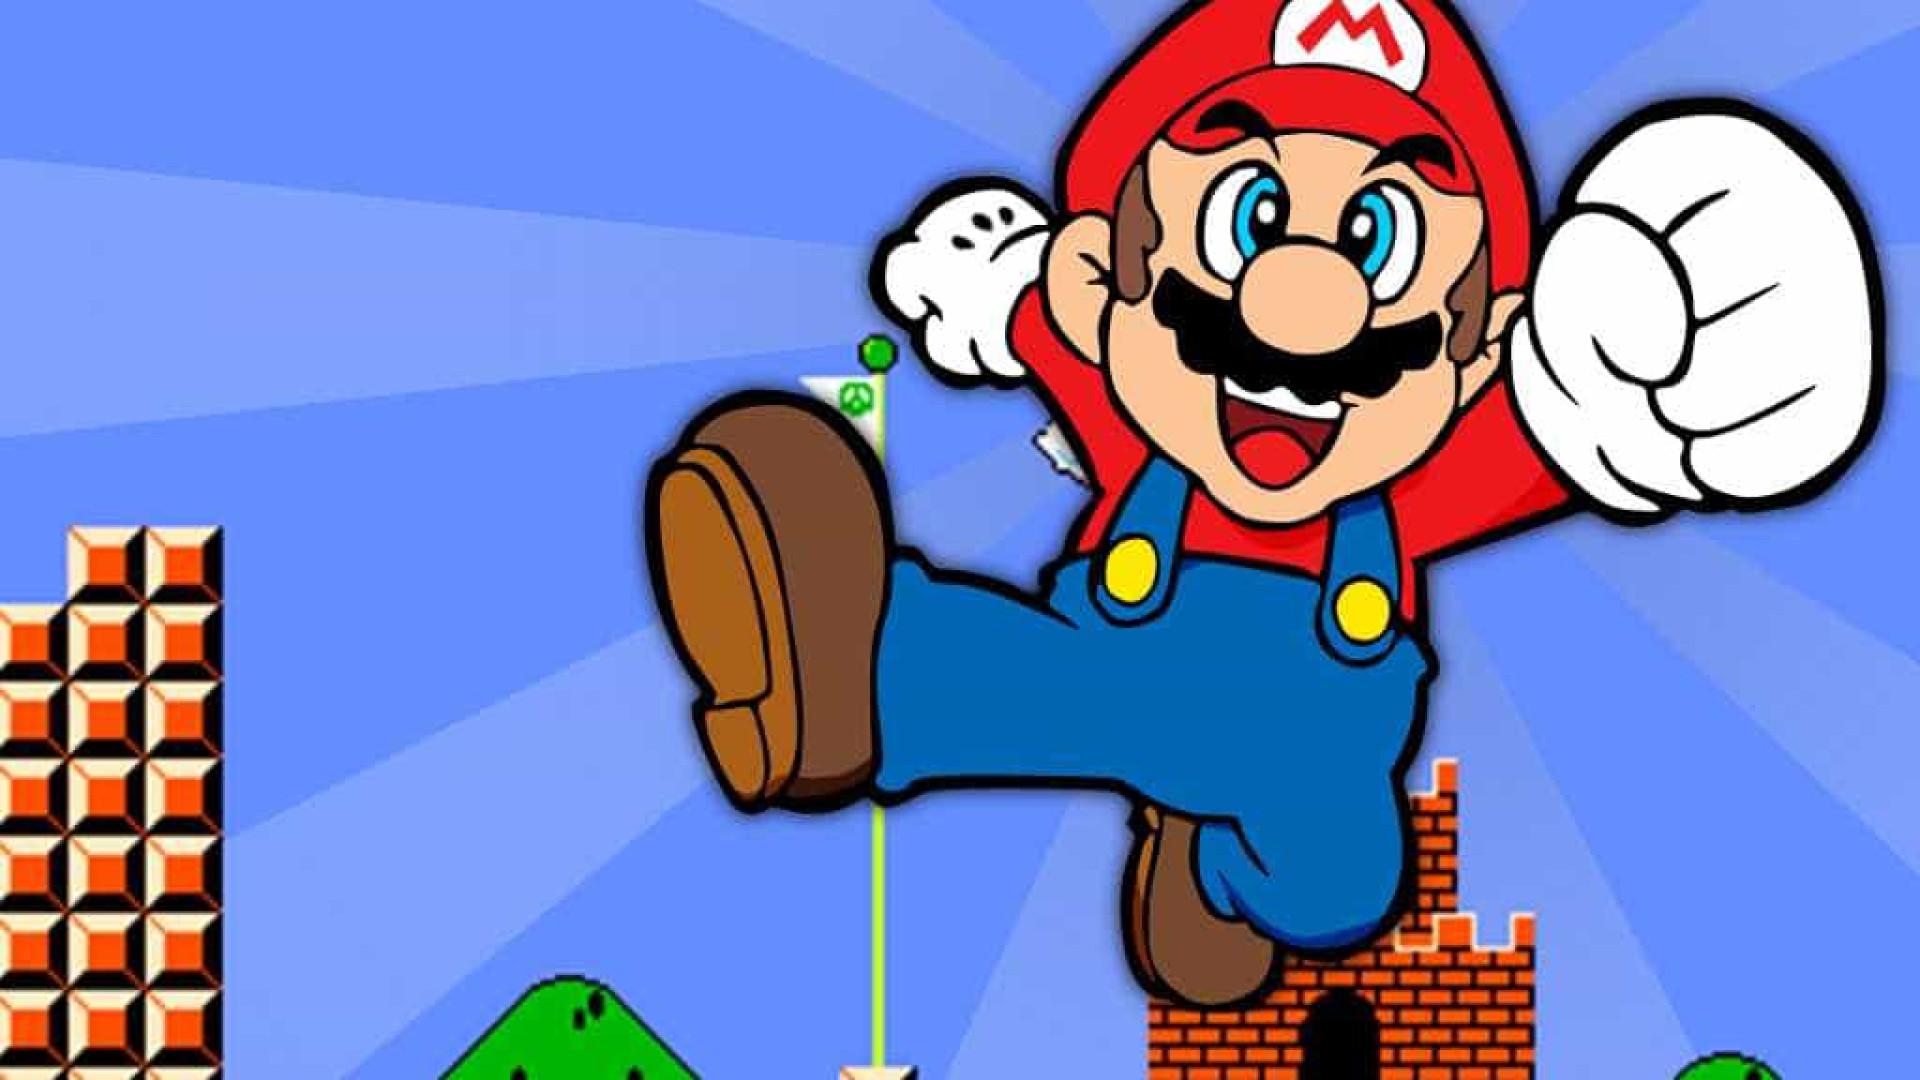 Dublador do Mario Bros diz que 'gostaria de ser' personagens